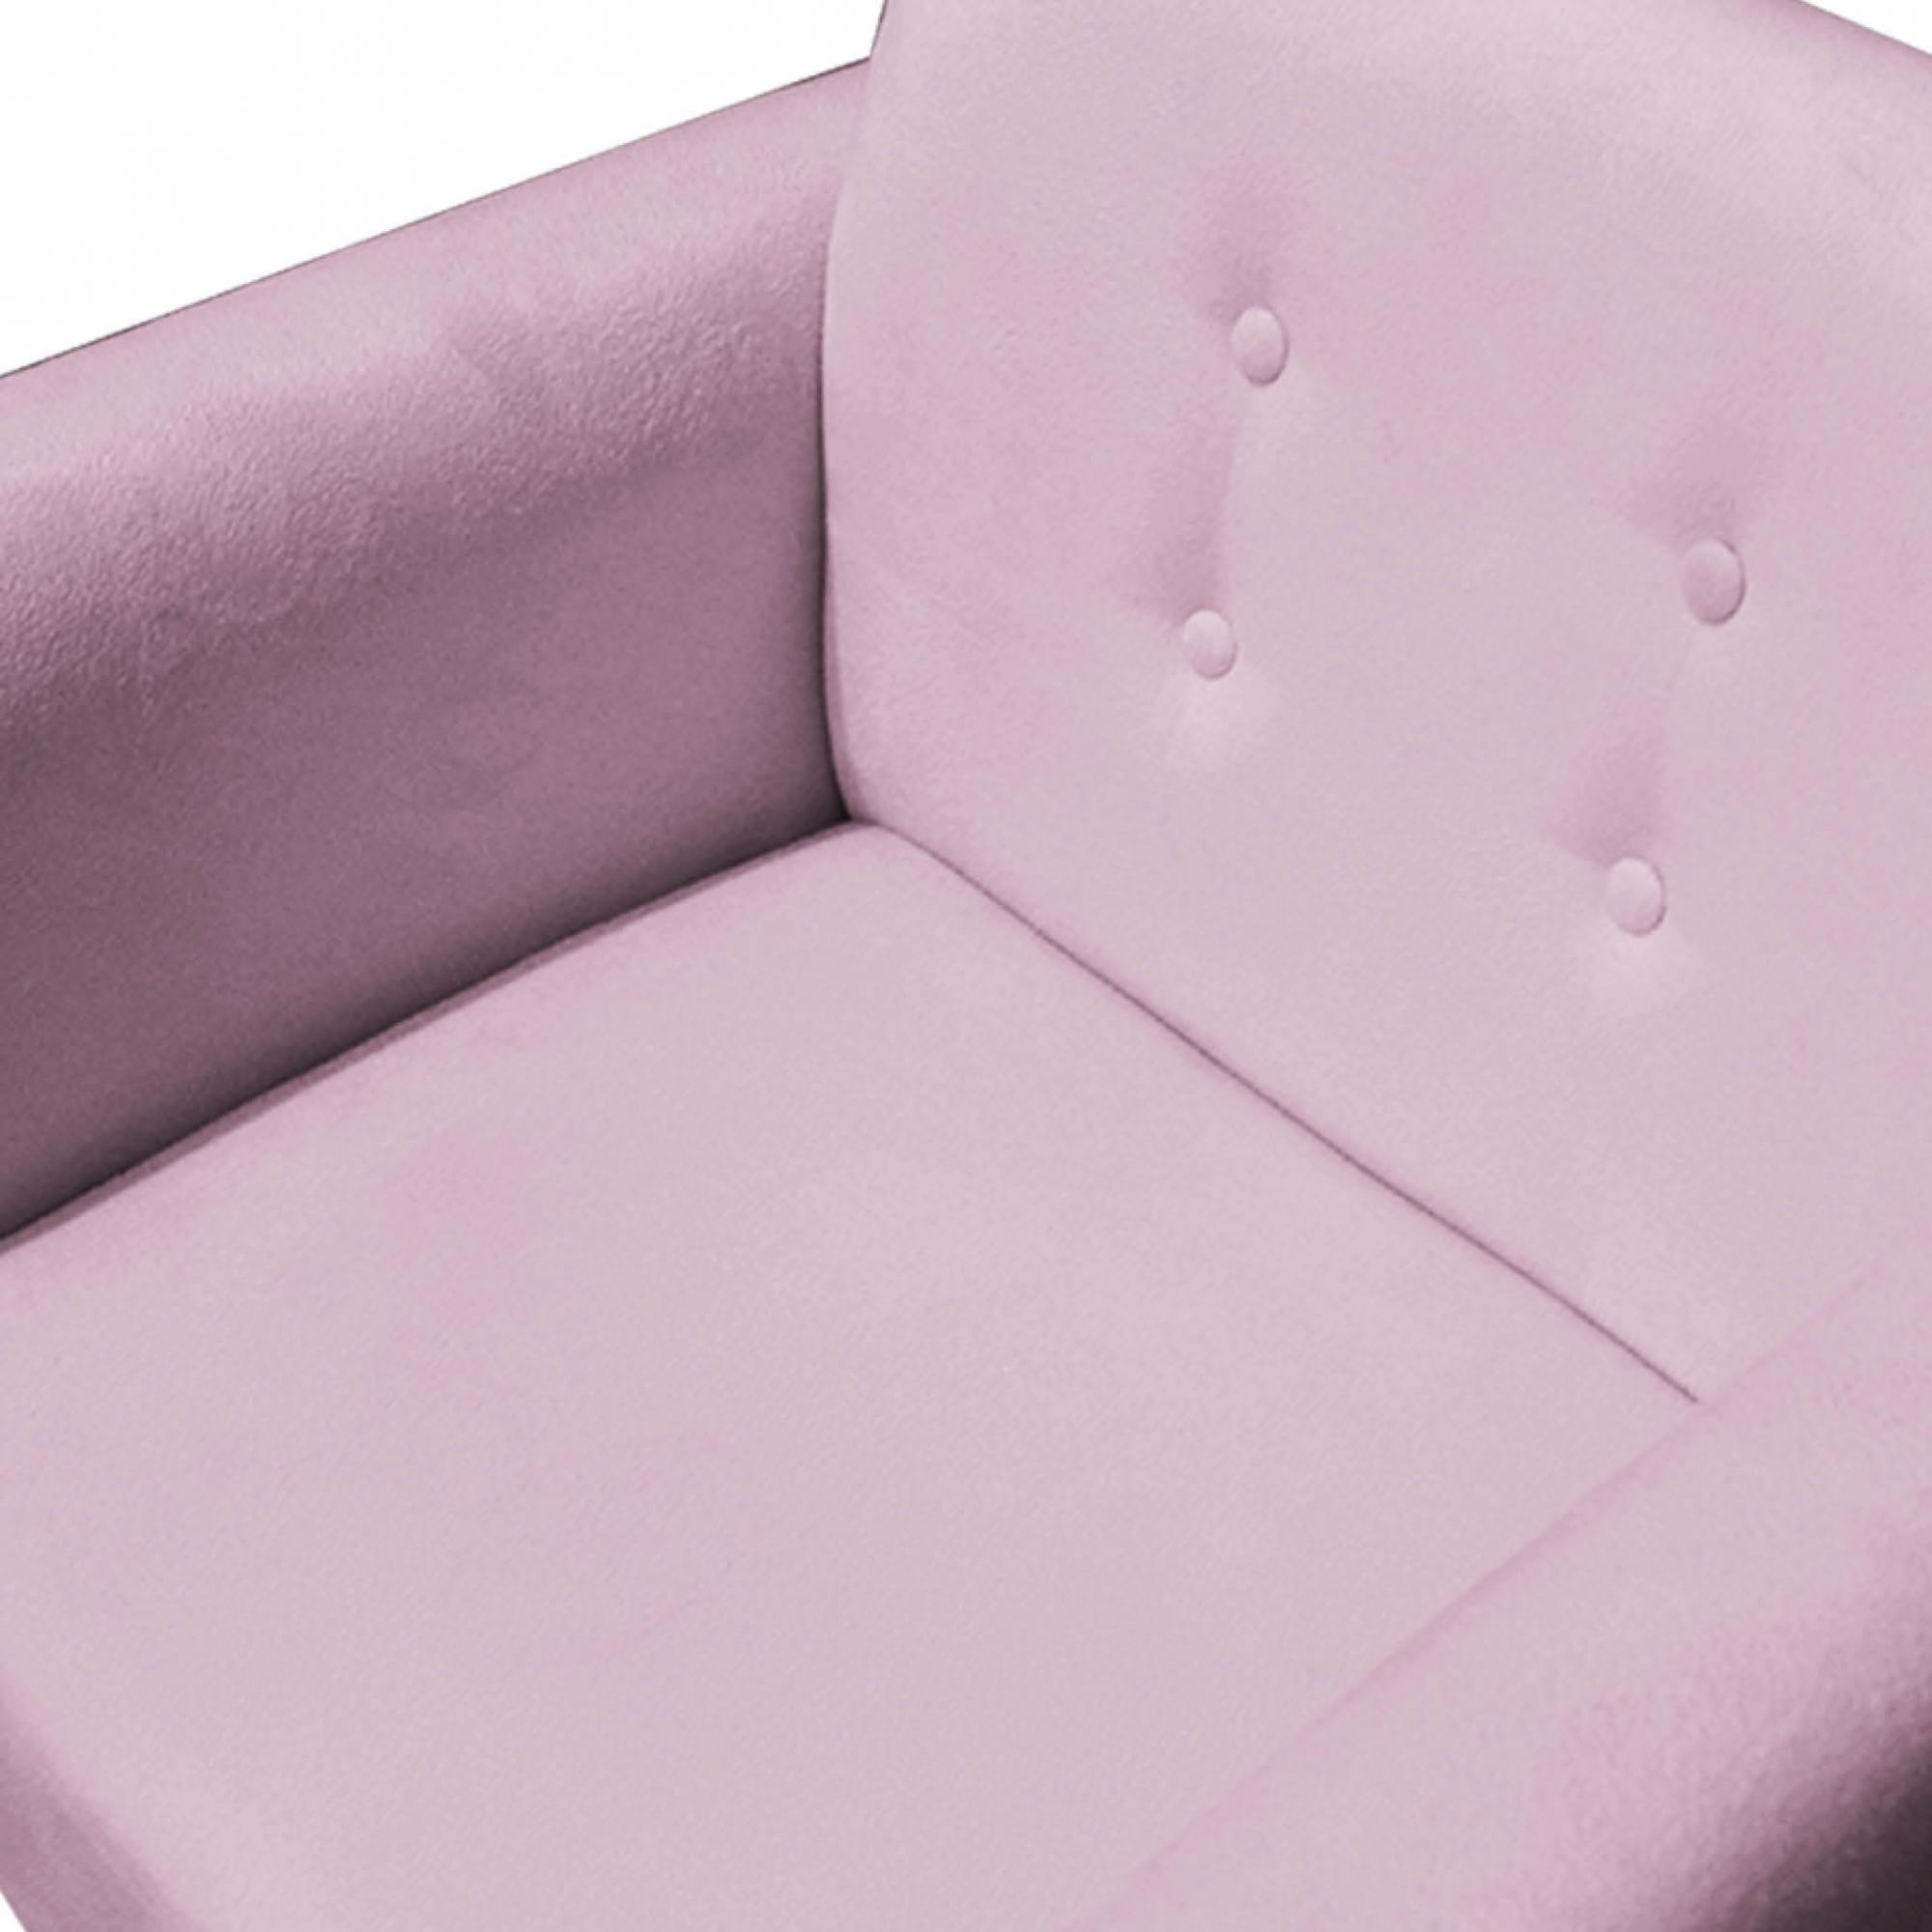 Poltrona Duda Decoraçâo Pé Palito Cadeira Recepção Escritório Clinica D'Classe Decor Suede Rosa Bebê